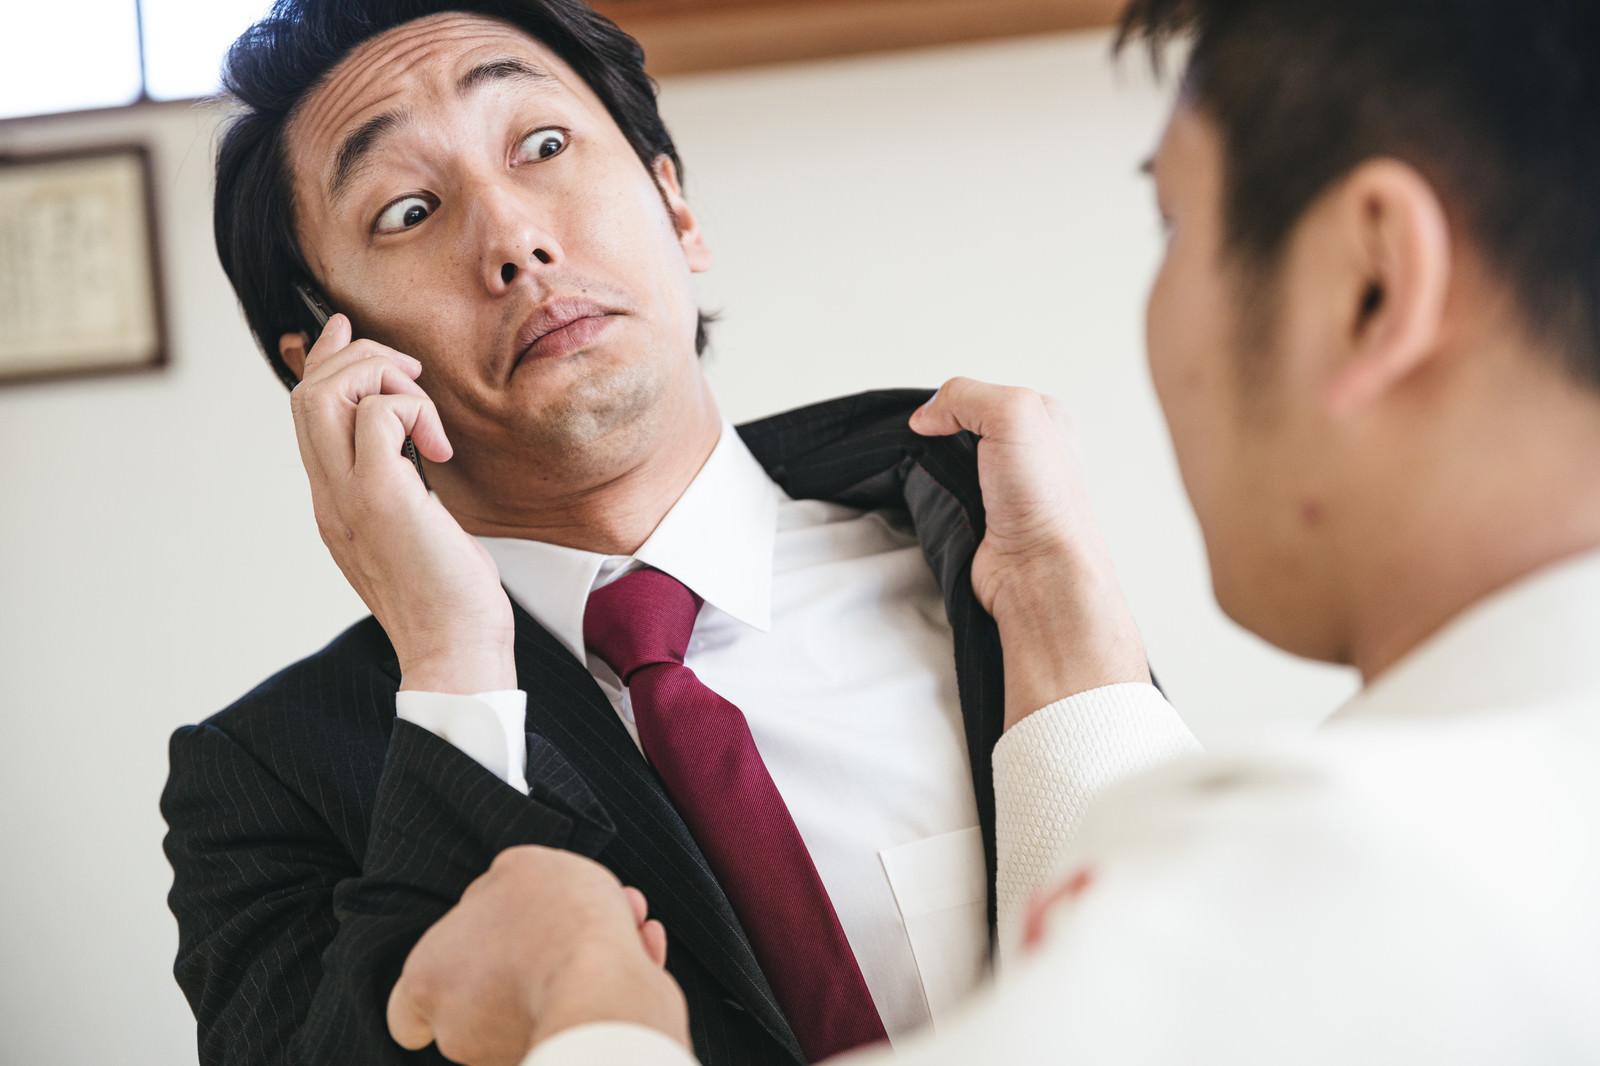 「もしもし?私いま襲われてます」の写真[モデル:大川竜弥]